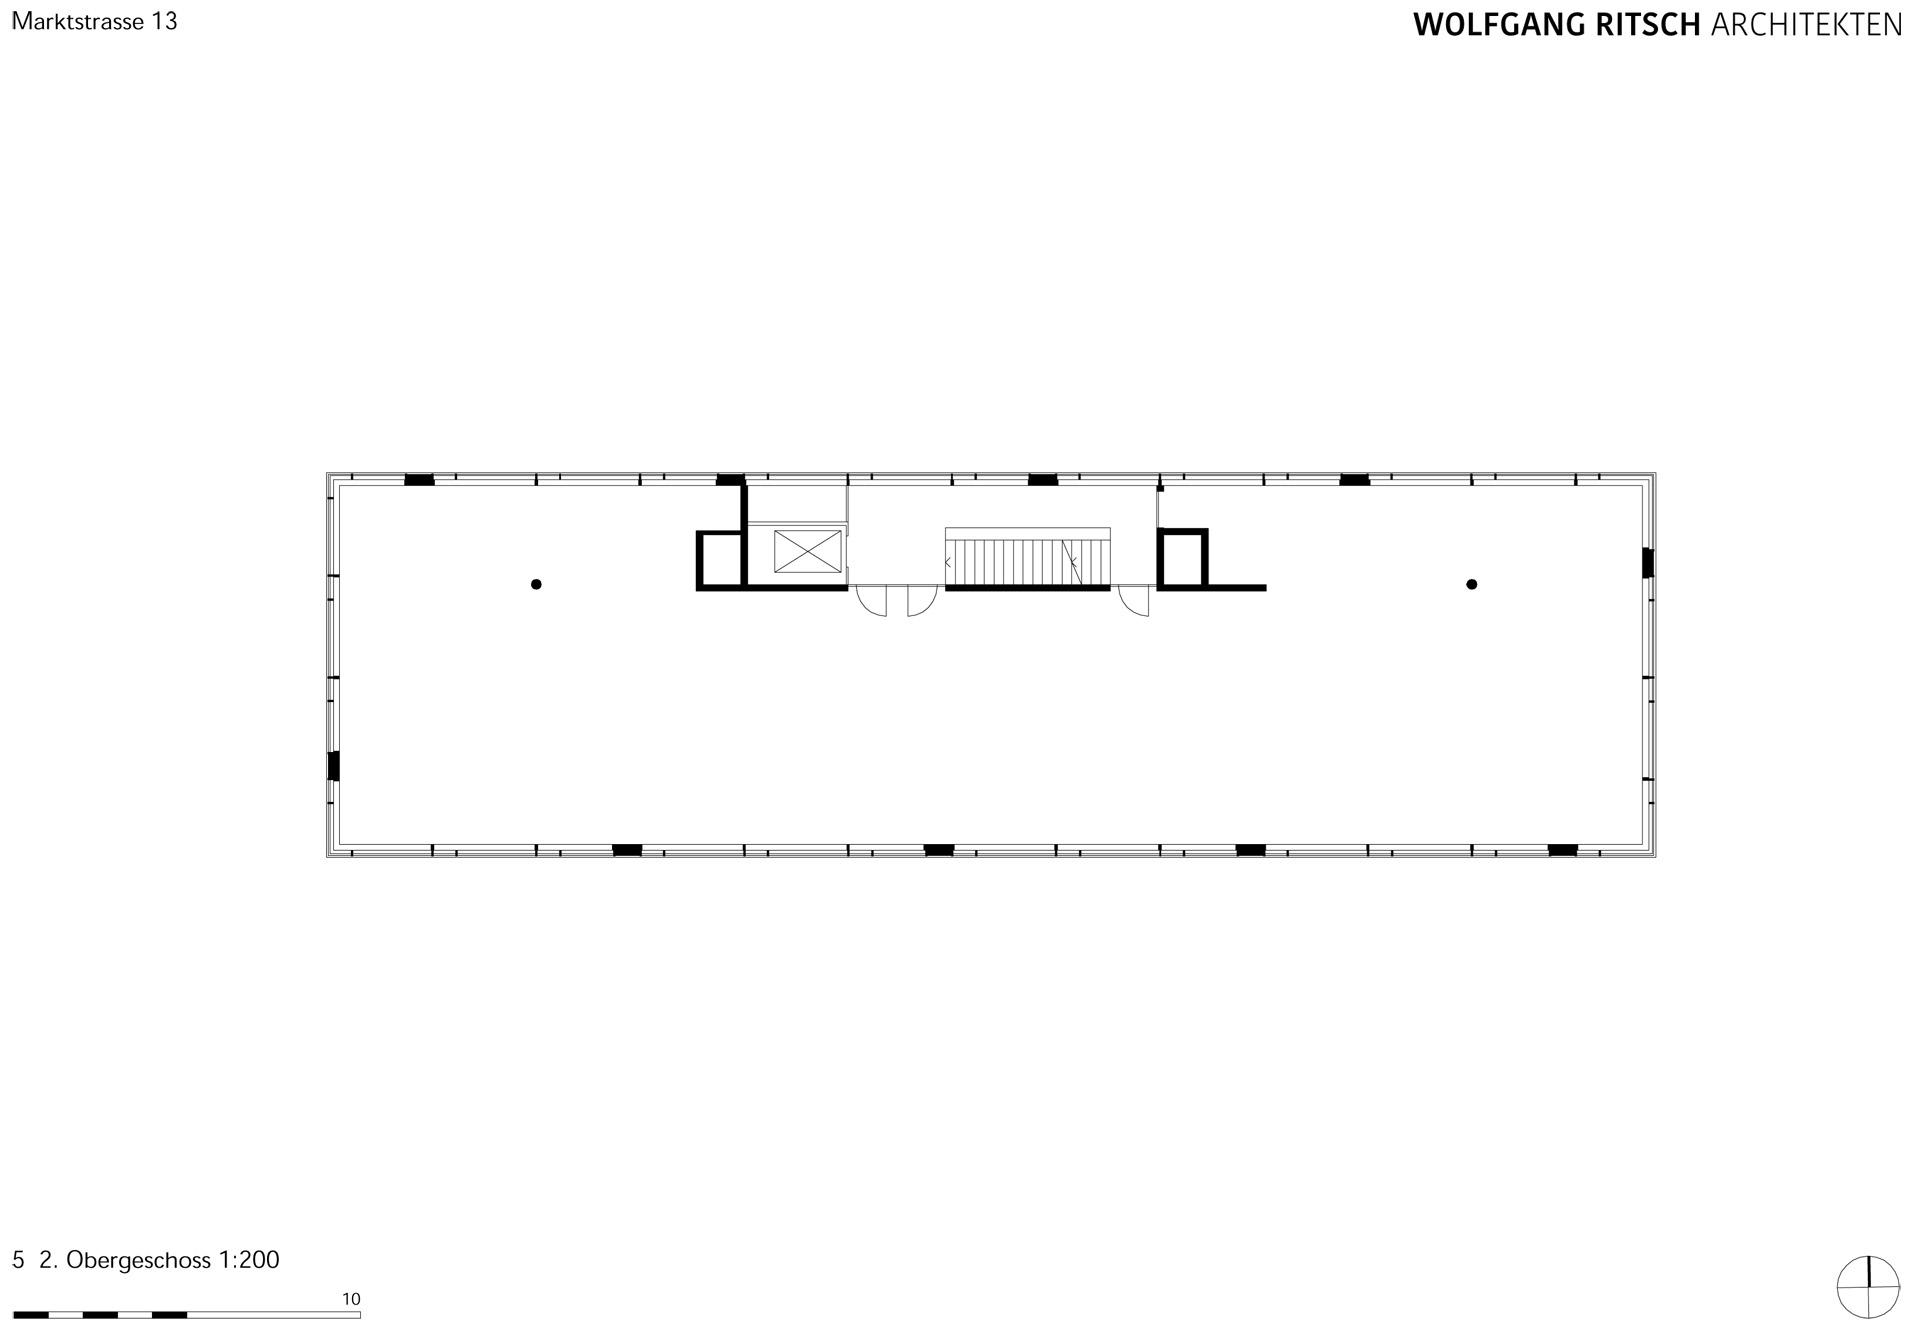 X:PROJEKTE70003410 MS132-PUBLIPLAN20-dwg905_OG2.dwg 200_pr